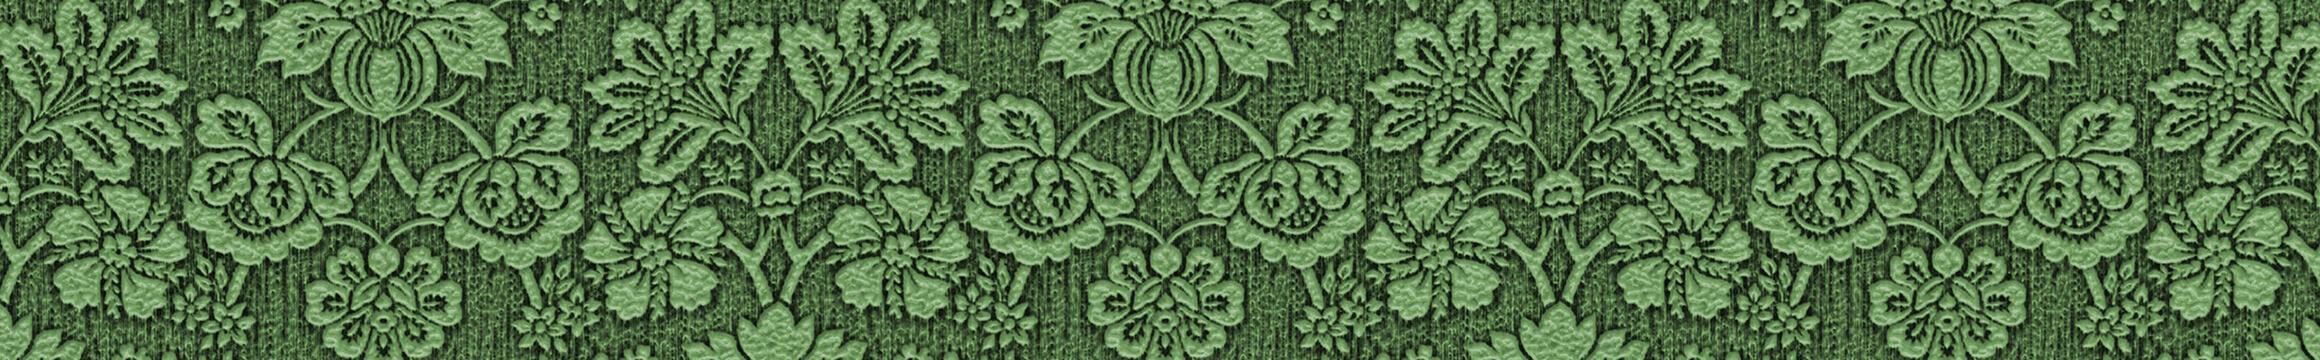 Fabric 06